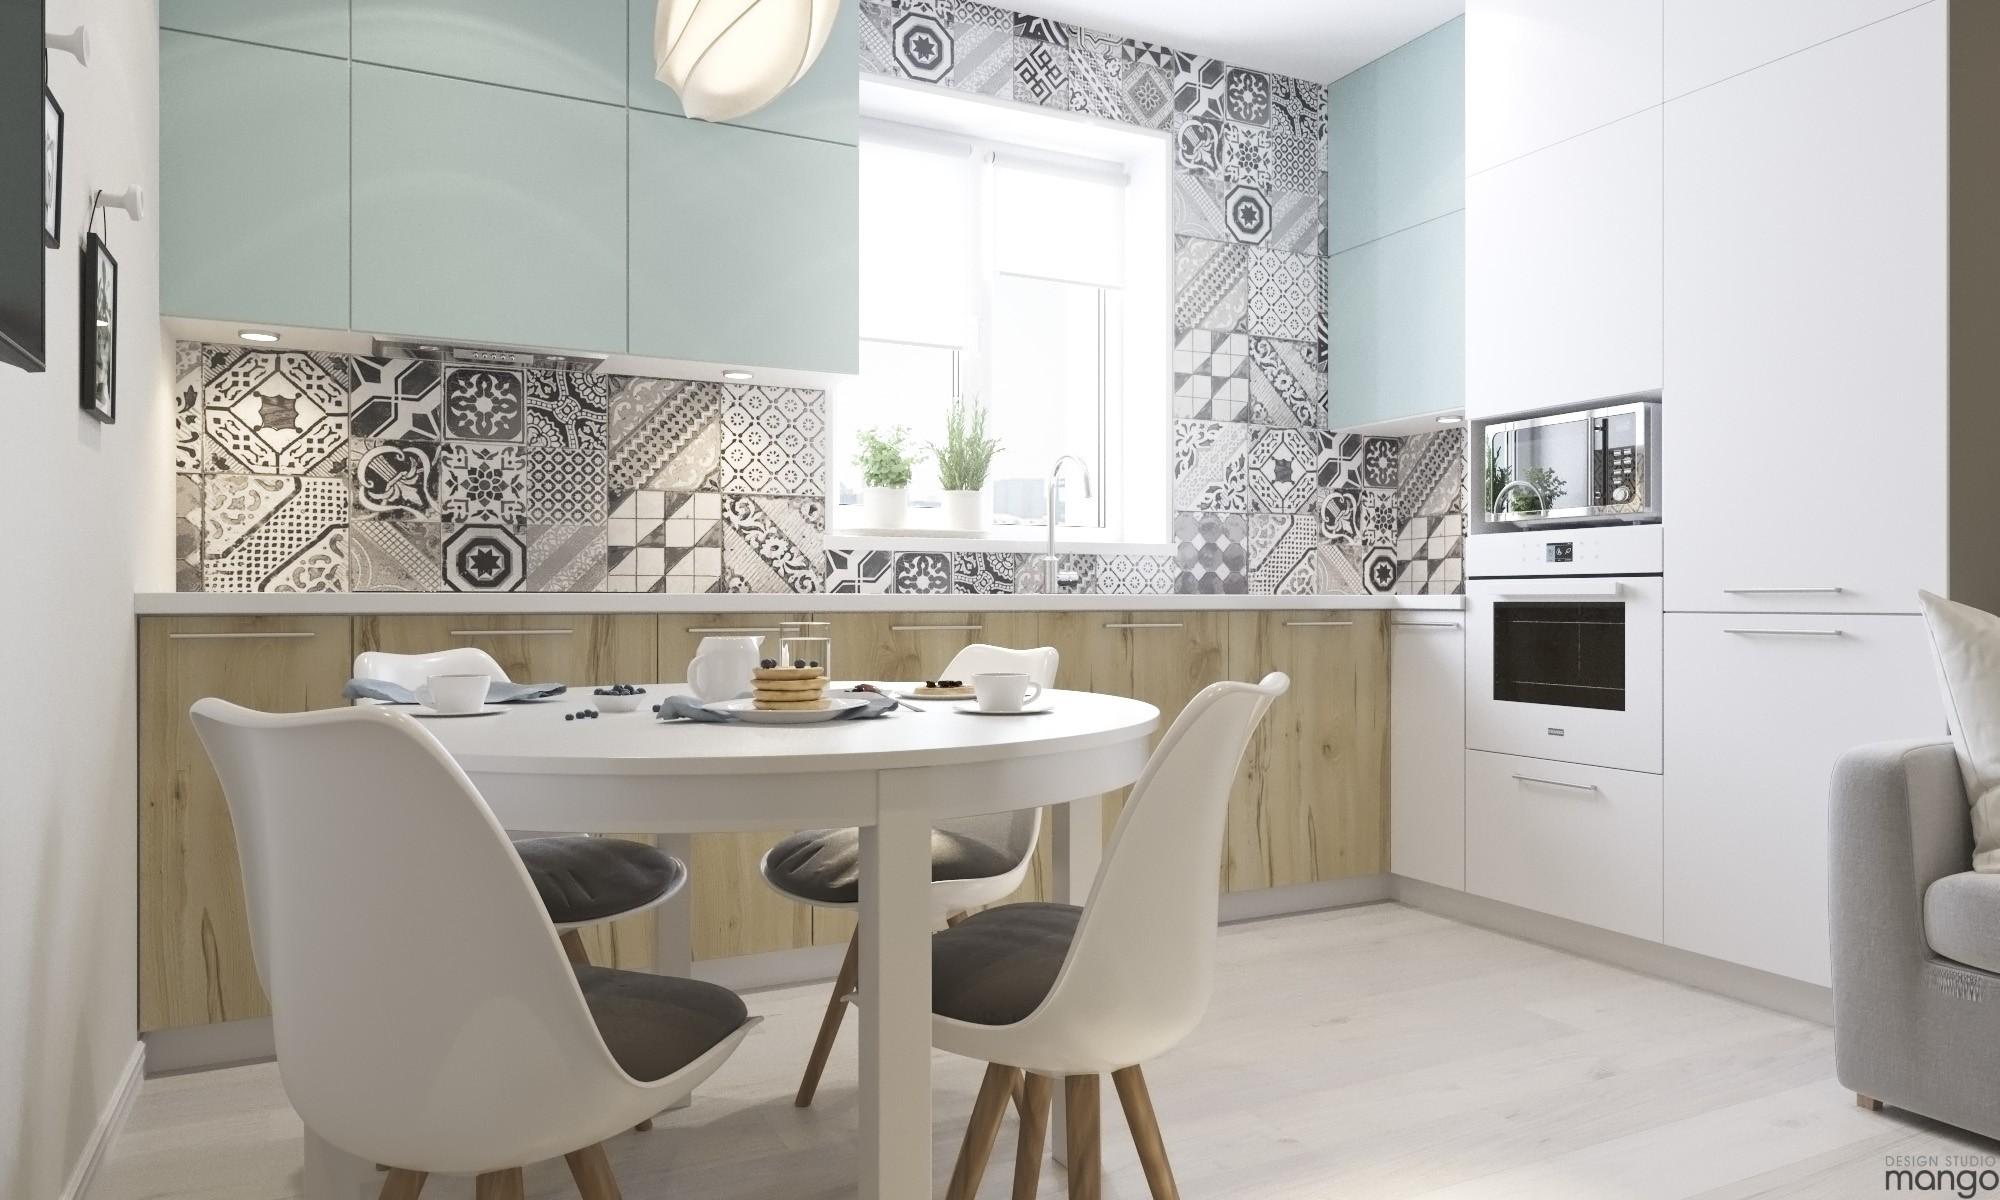 kitchen backsplash designs with variety